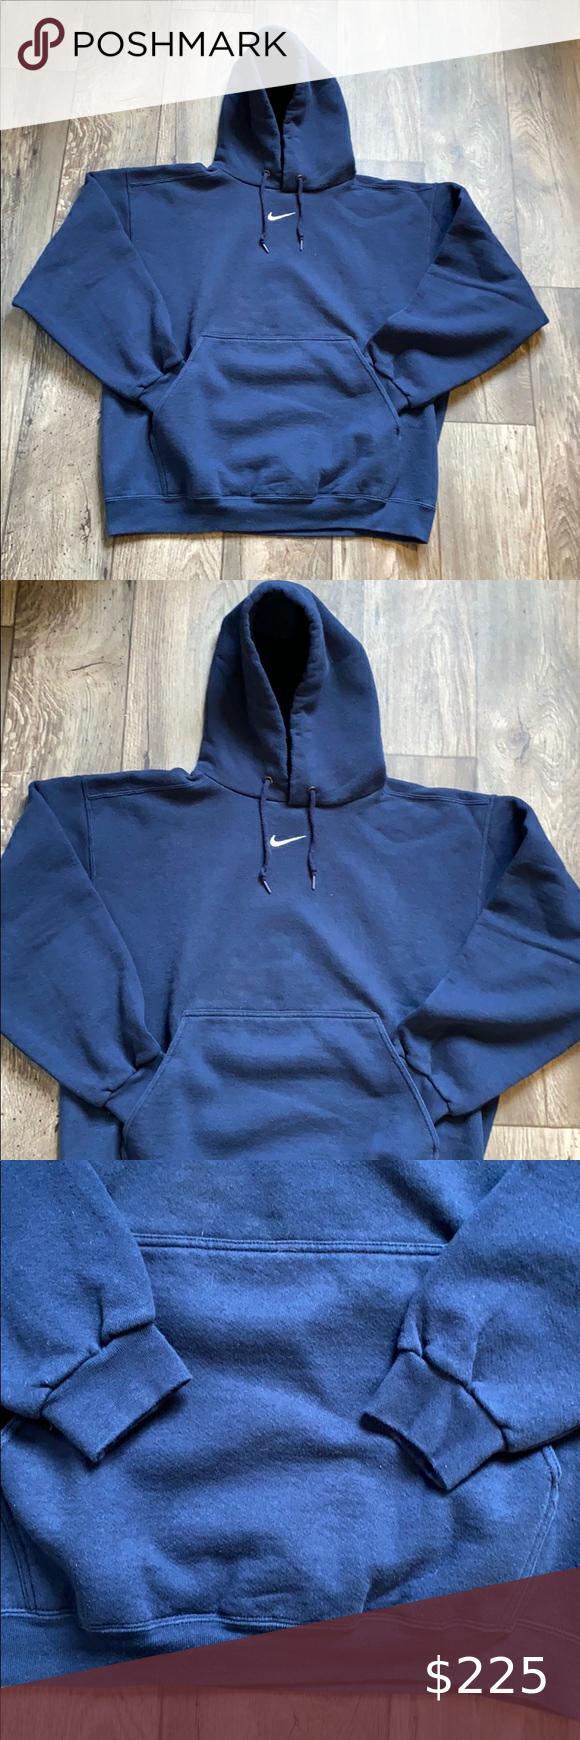 Vintage 90s Nike Middle Swoosh Hoodie Very Rare Navy Blue White Tag Vintage 90s Made In Usa Nike Middl In 2020 Sweatshirt Shirt Travis Scott Hoodie Sweatshirts Hoodie